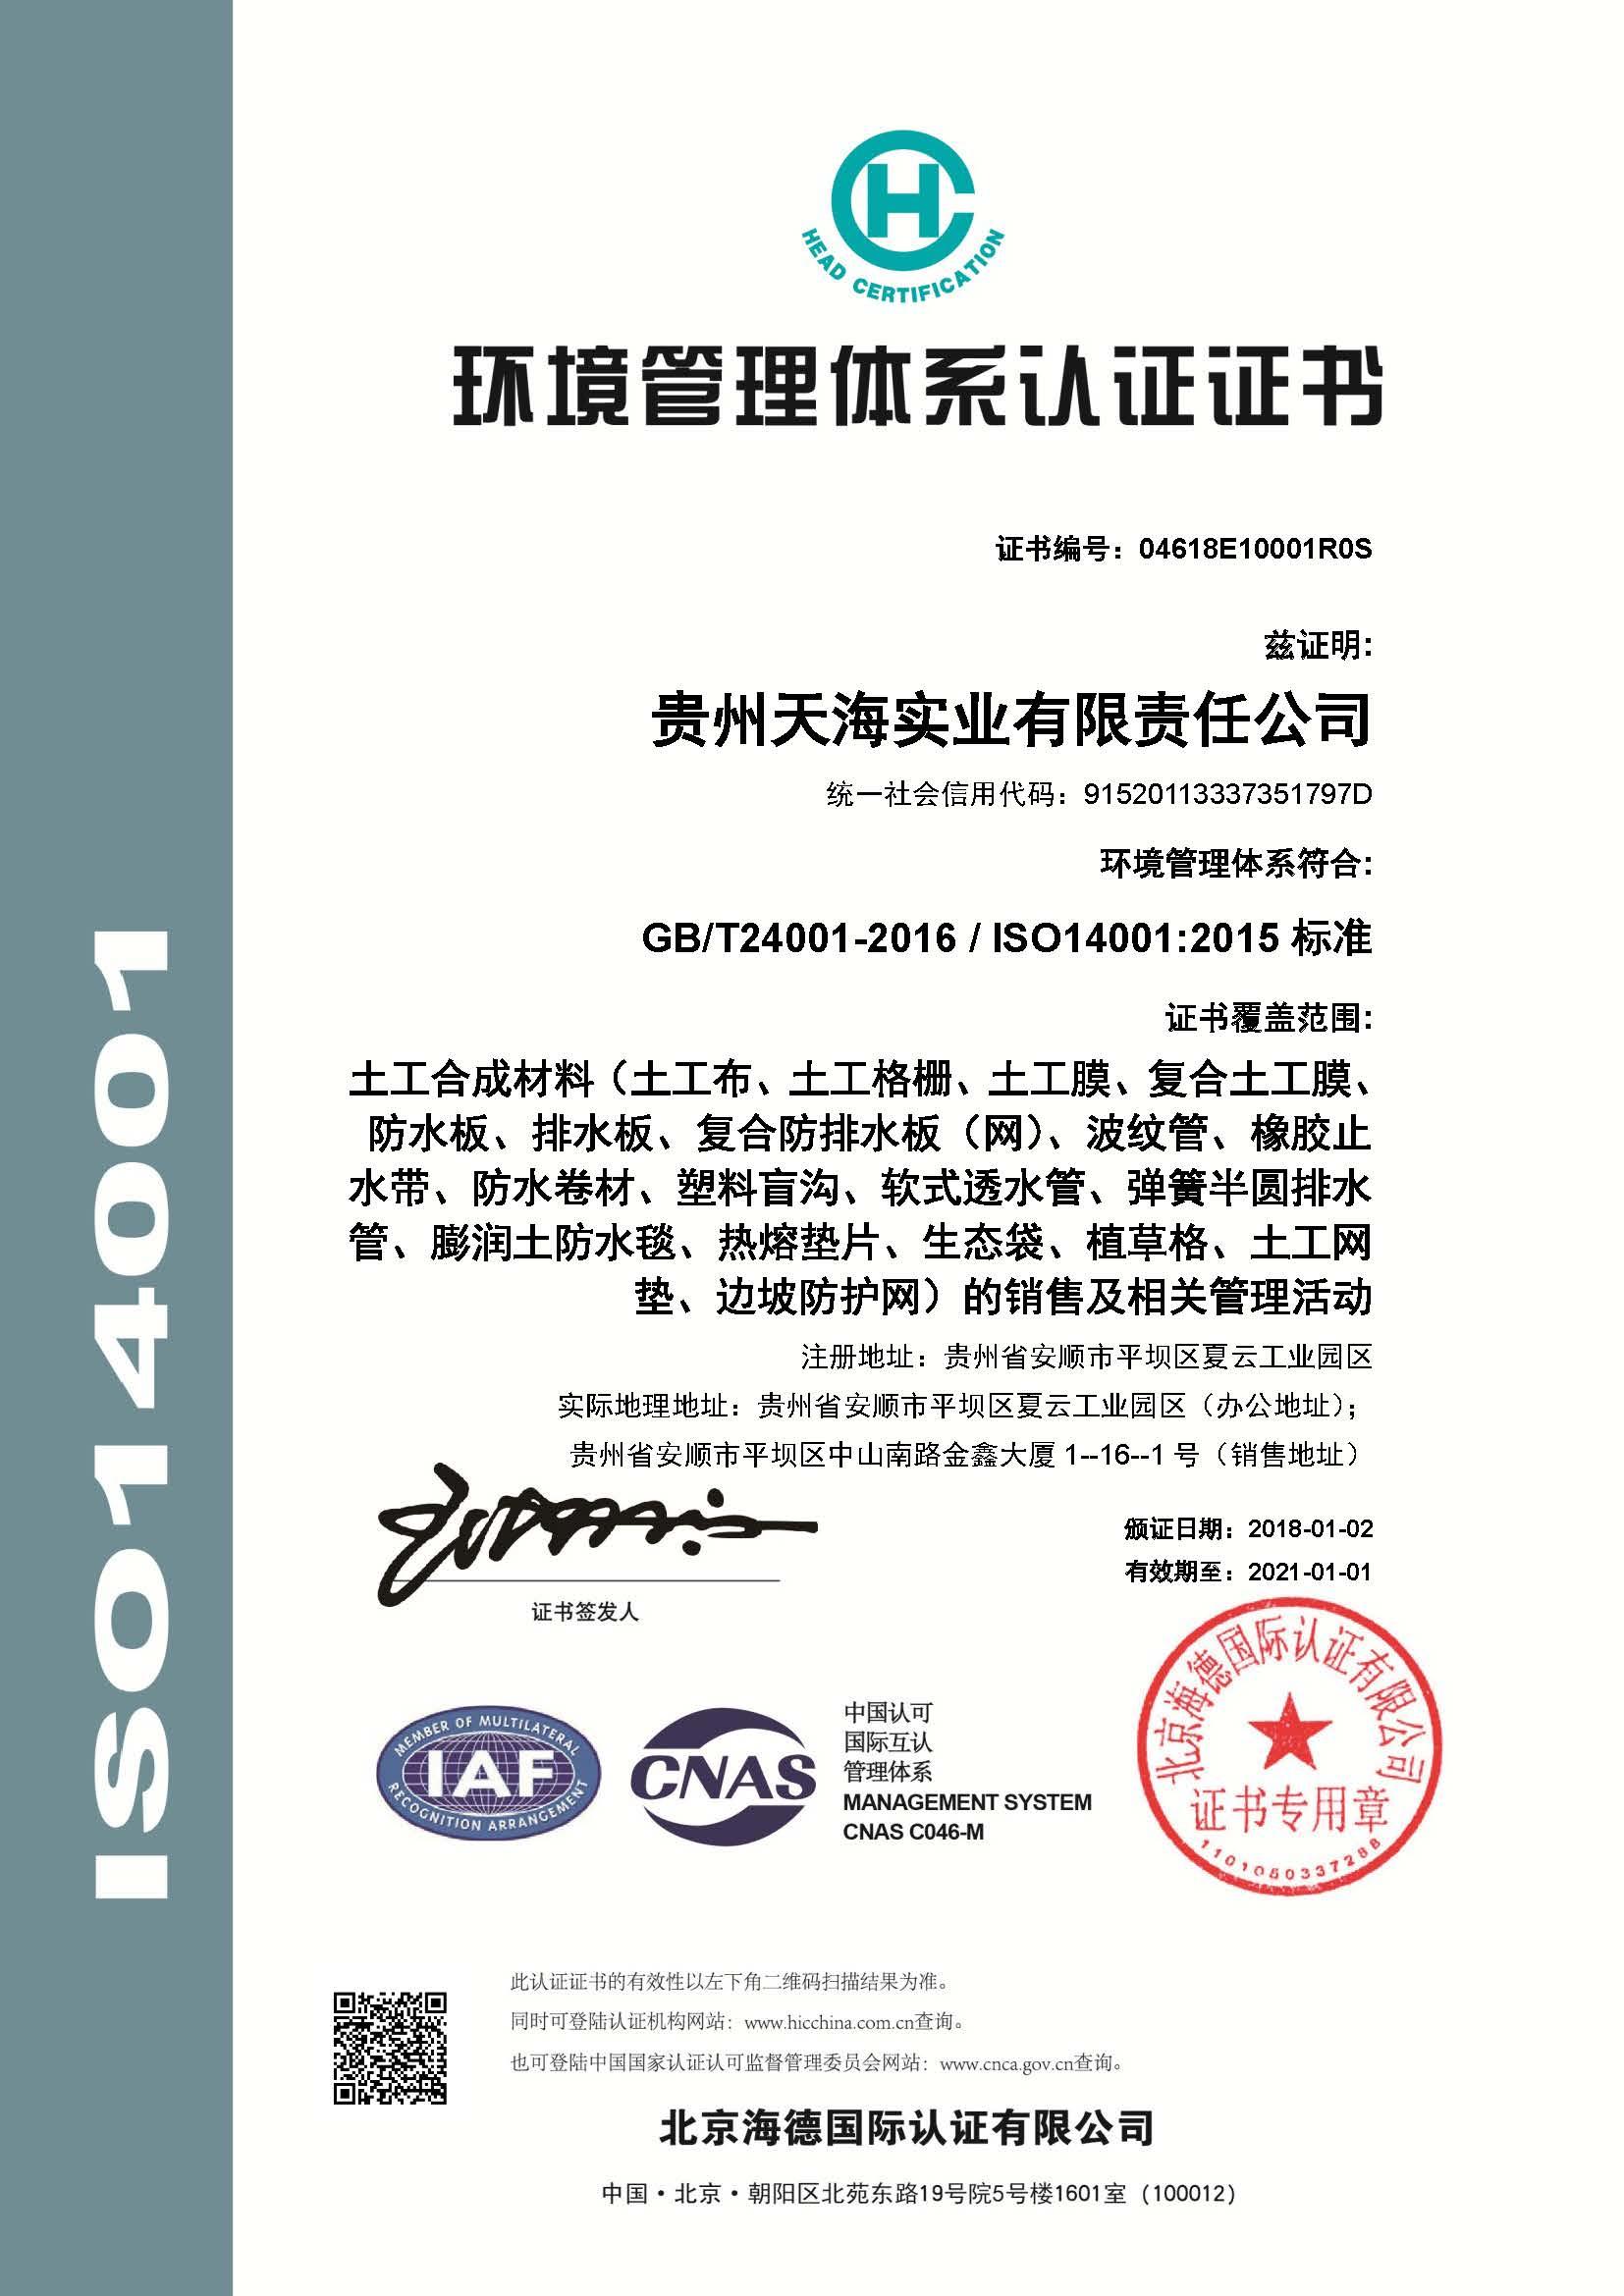 环境管理体系认证证书2018